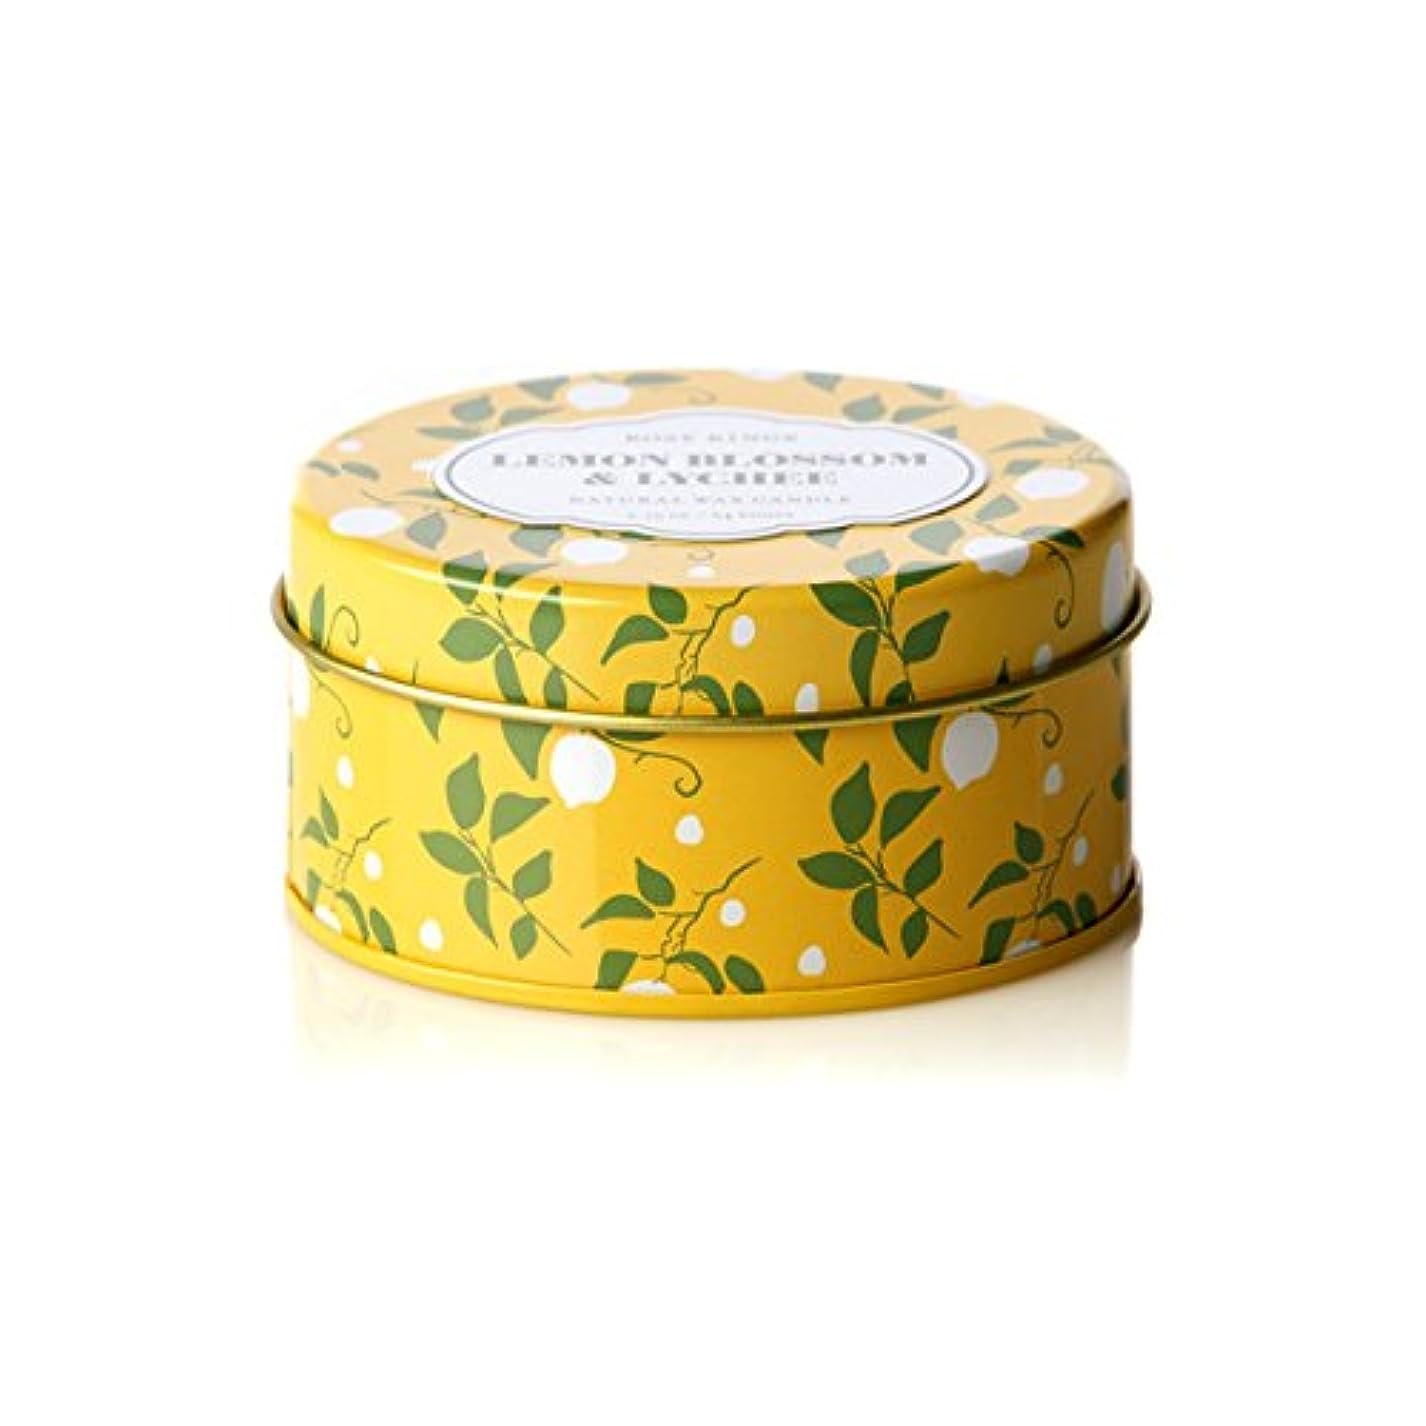 副産物前売フクロウロージーリングス トラベルティンキャンドル レモンブロッサム&ライチ ROSY RINGS Lemon Blossom & Lychee Travel Tin